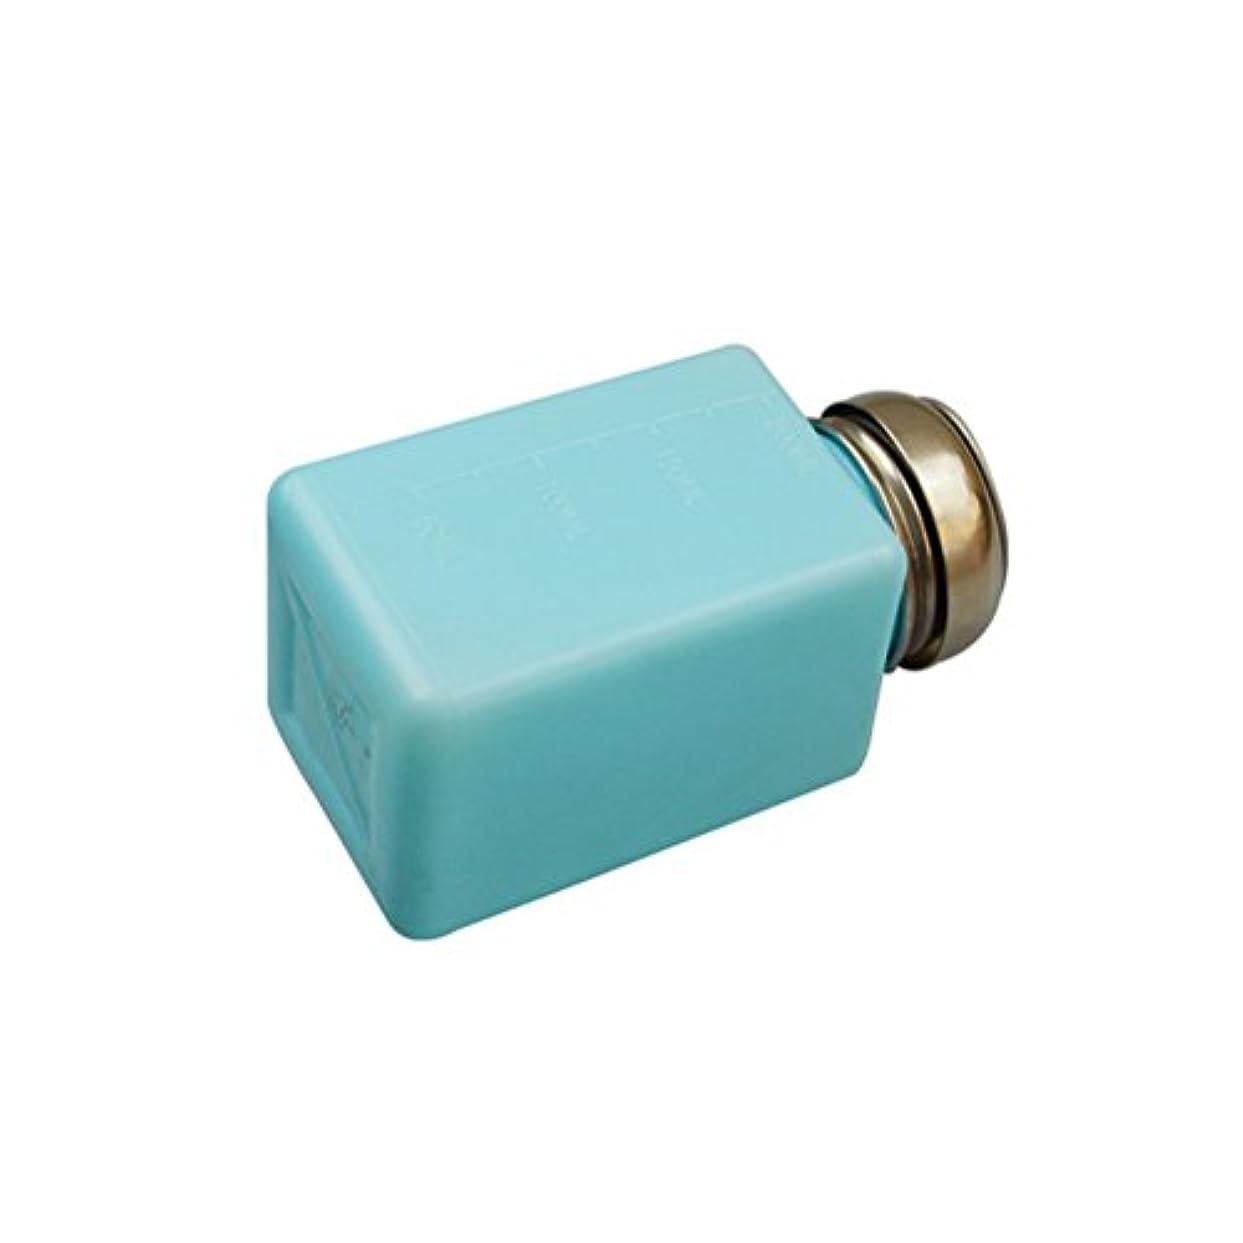 シェルター学習存在BESTOMZ アルコールボトル 便利 クレンジングオイル 小分け容器 静電防止 200ML(青)